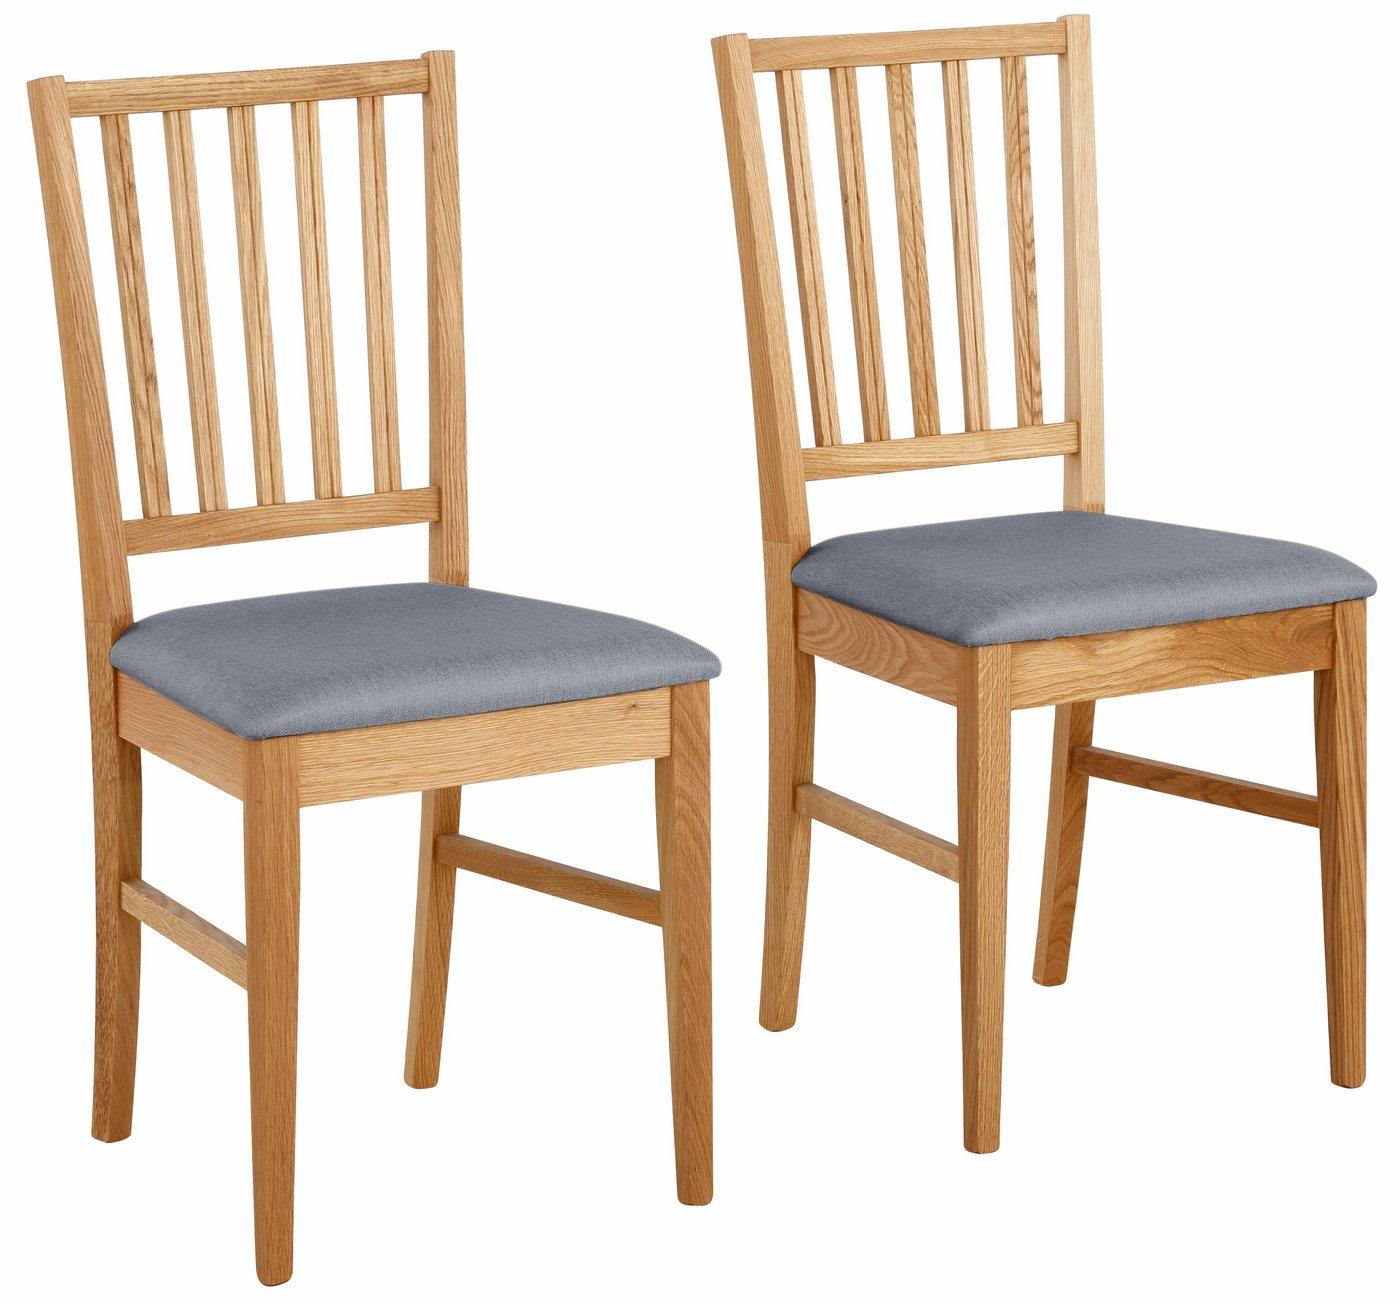 St hle sitzh he 50 cm machen sie den preisvergleich bei for Stuhl 50 cm hoch